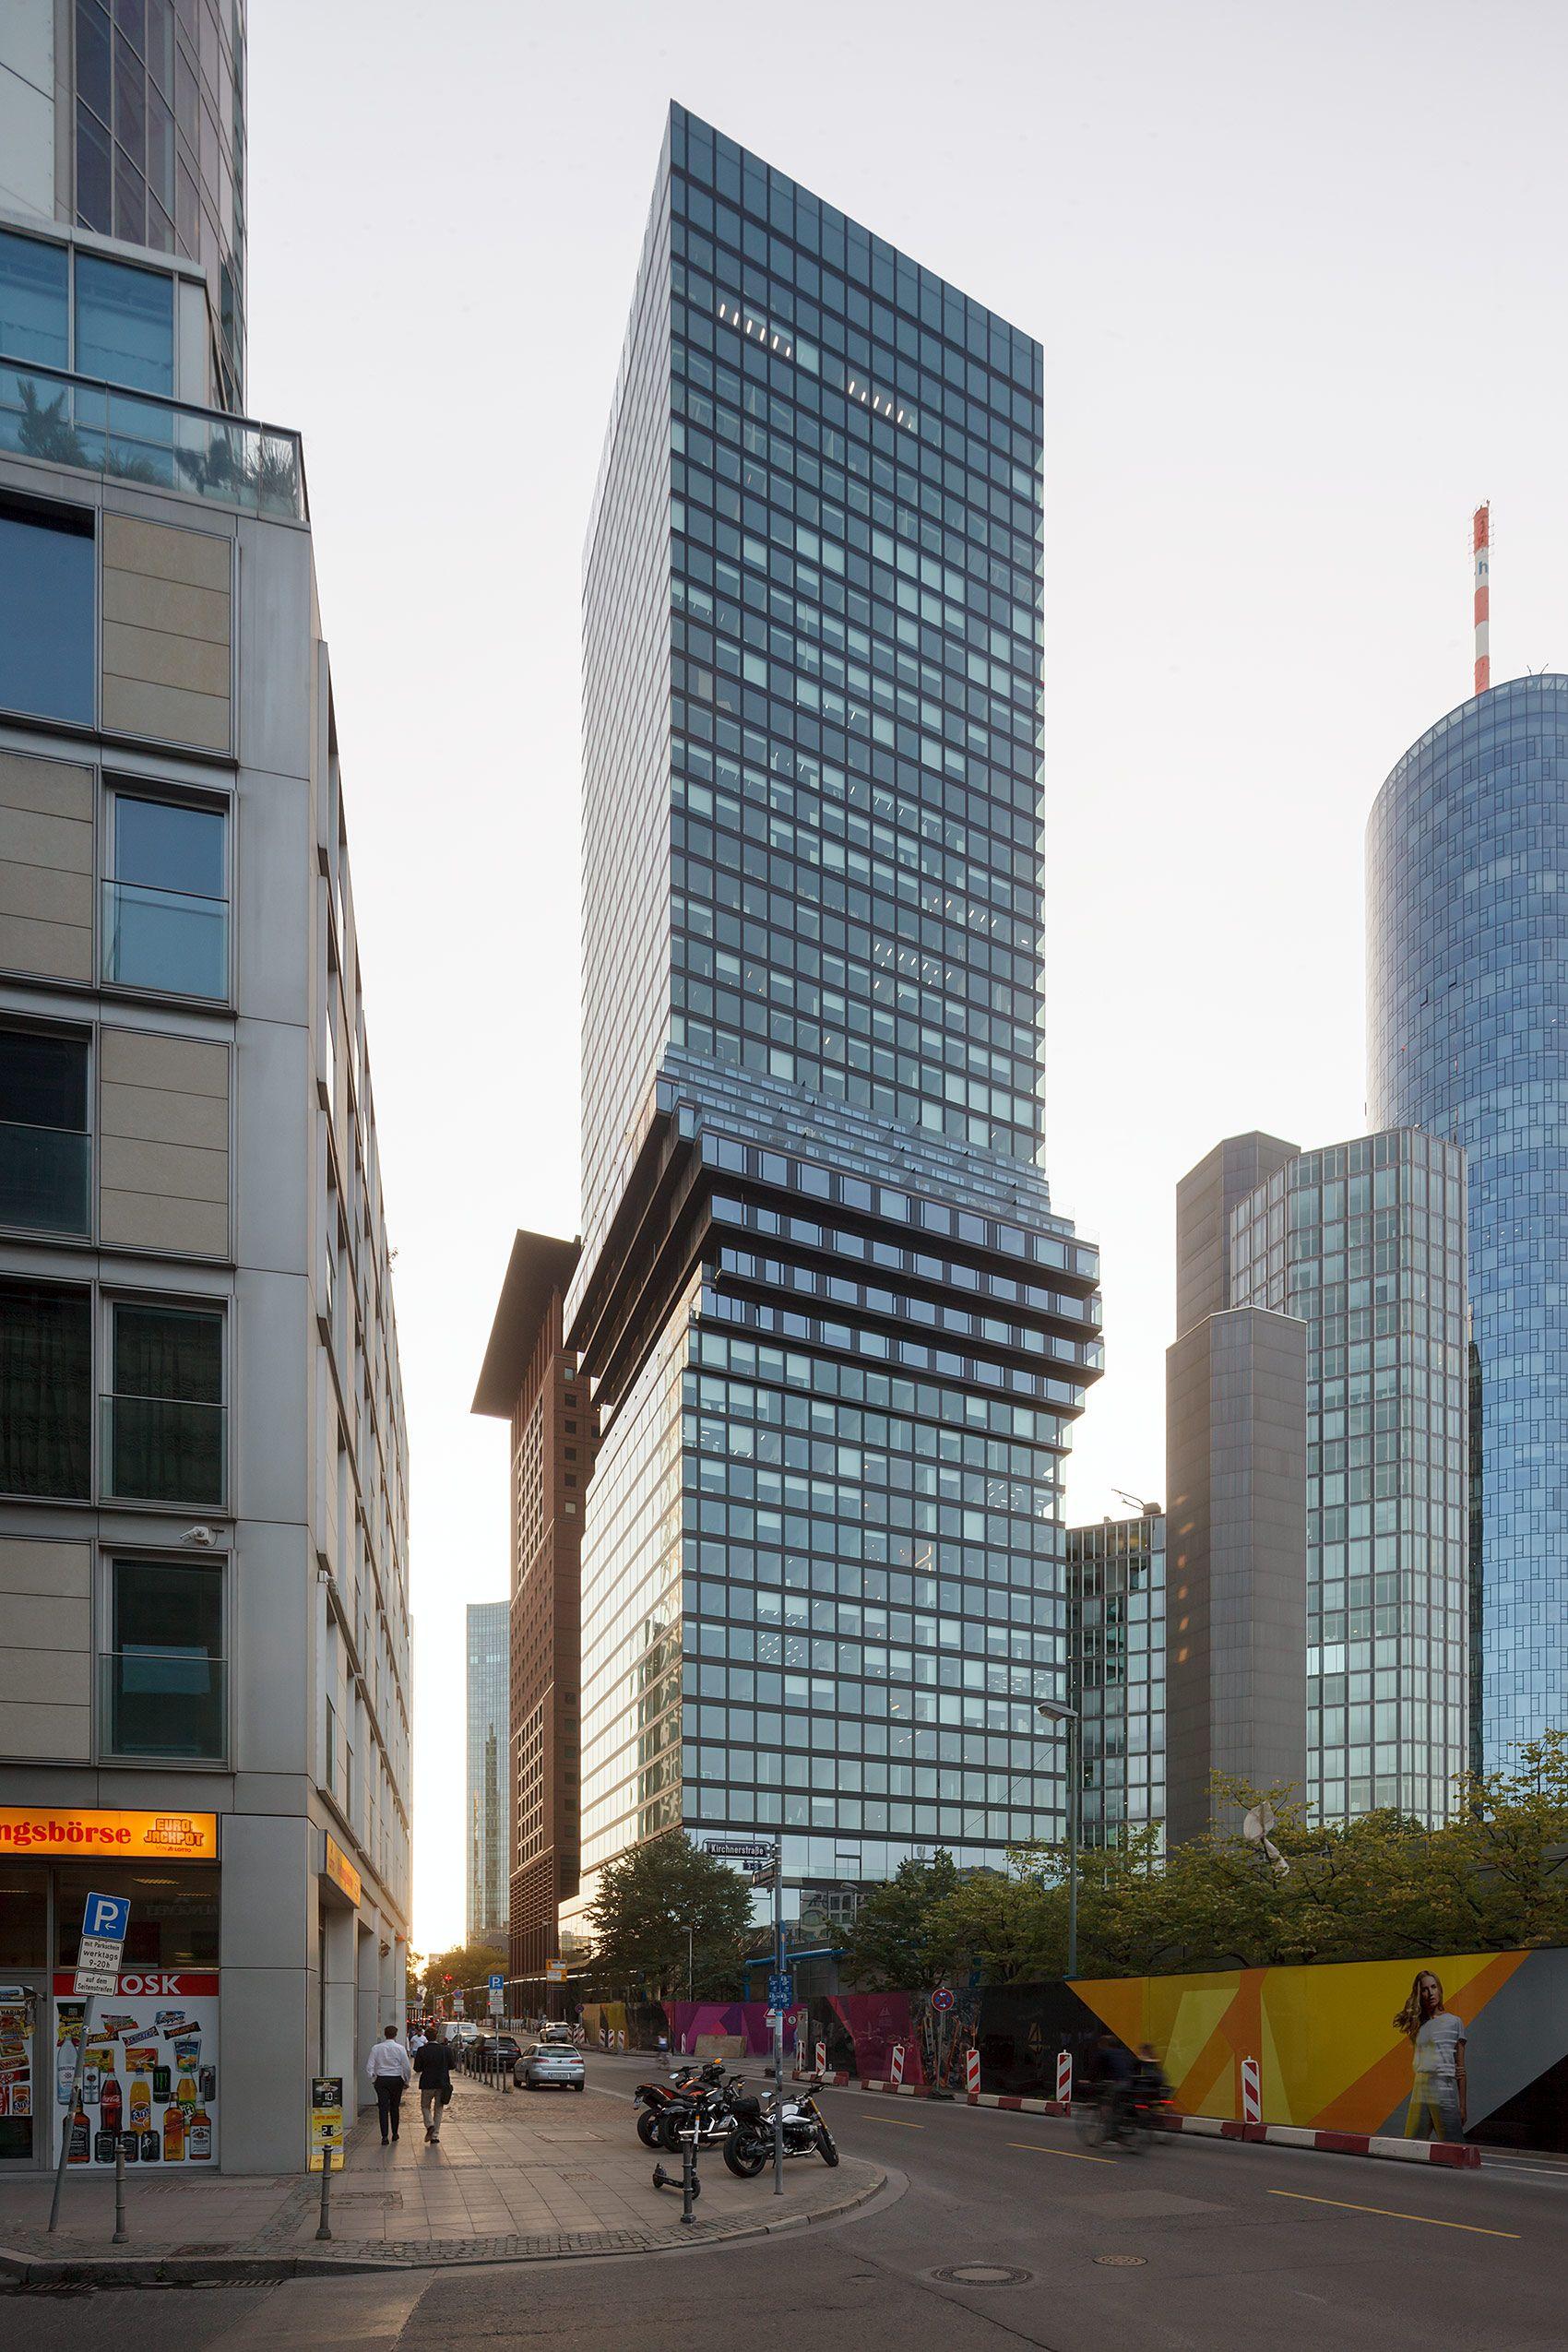 Omniturm, Frankfurt am Main 2020